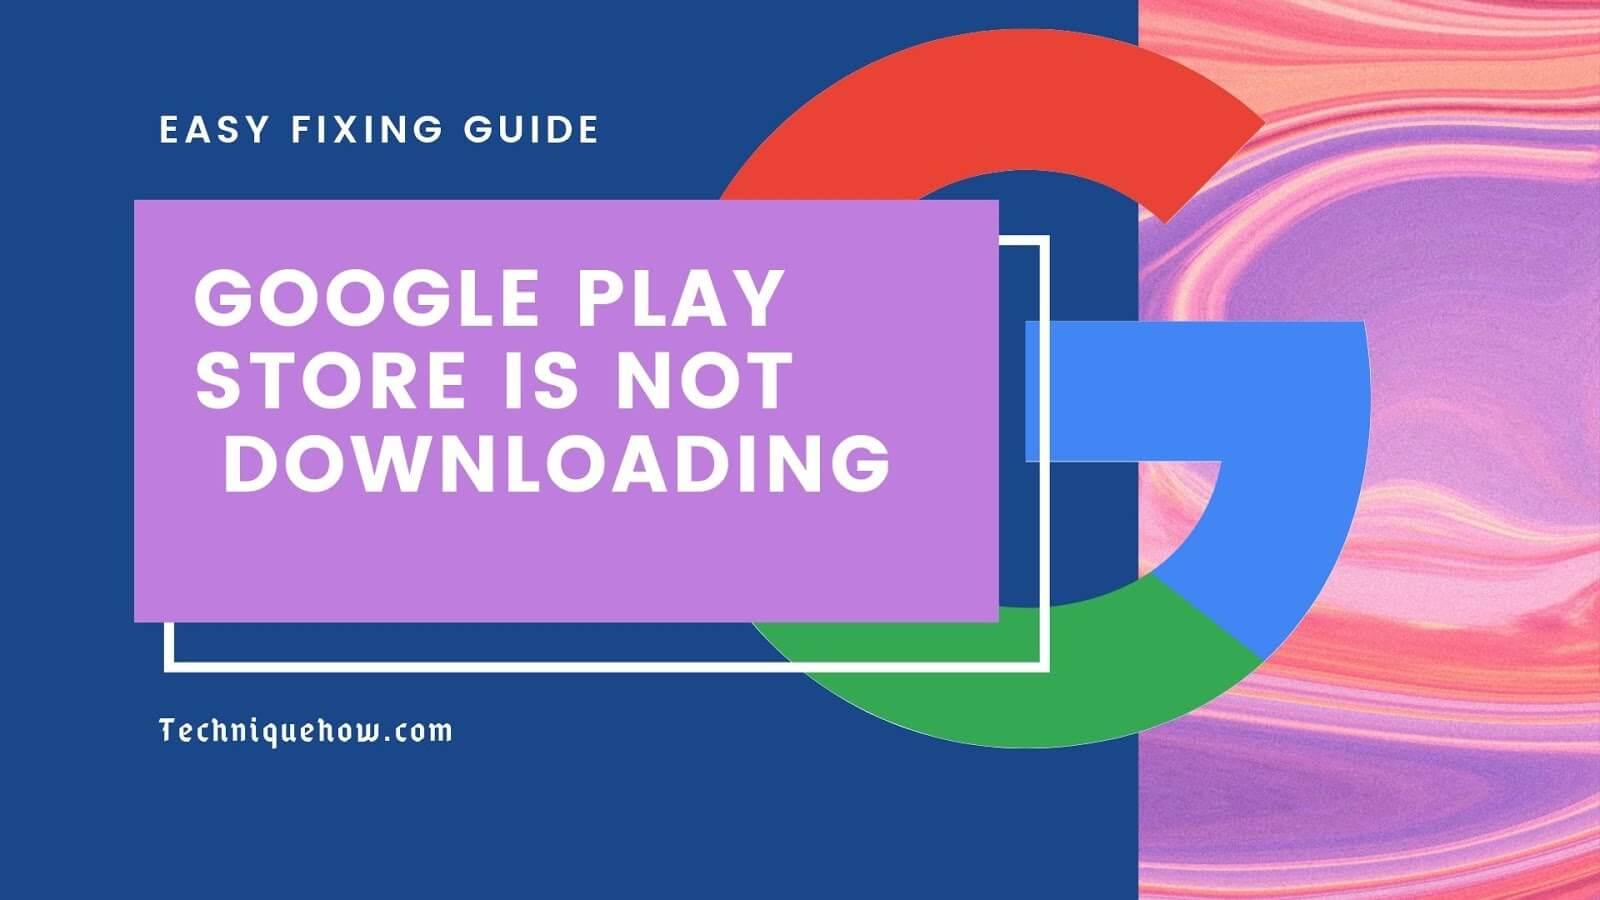 Google Play Store-tik deskargatzeko zain dago (ezin dut deskargatu) - konponketa-gida erraza